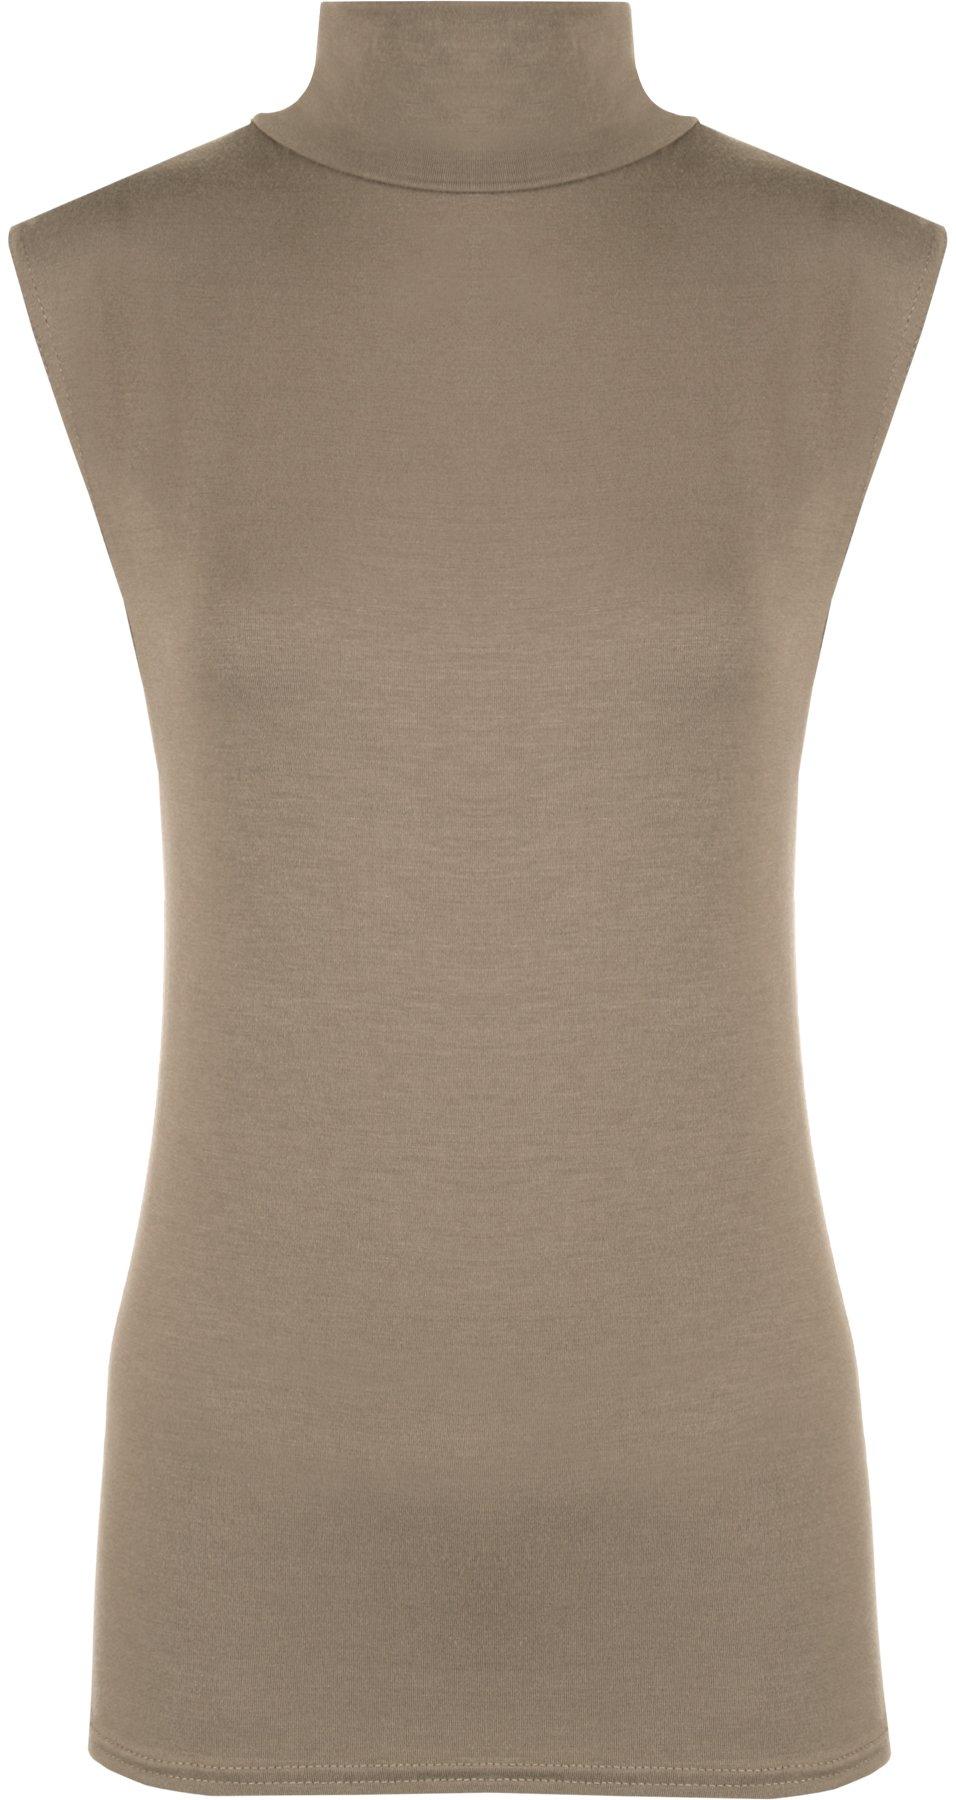 WearAll Women's Plus Size Turtle Neck Sleeveless Top - Mocha - US 16-18 (UK 20-22)